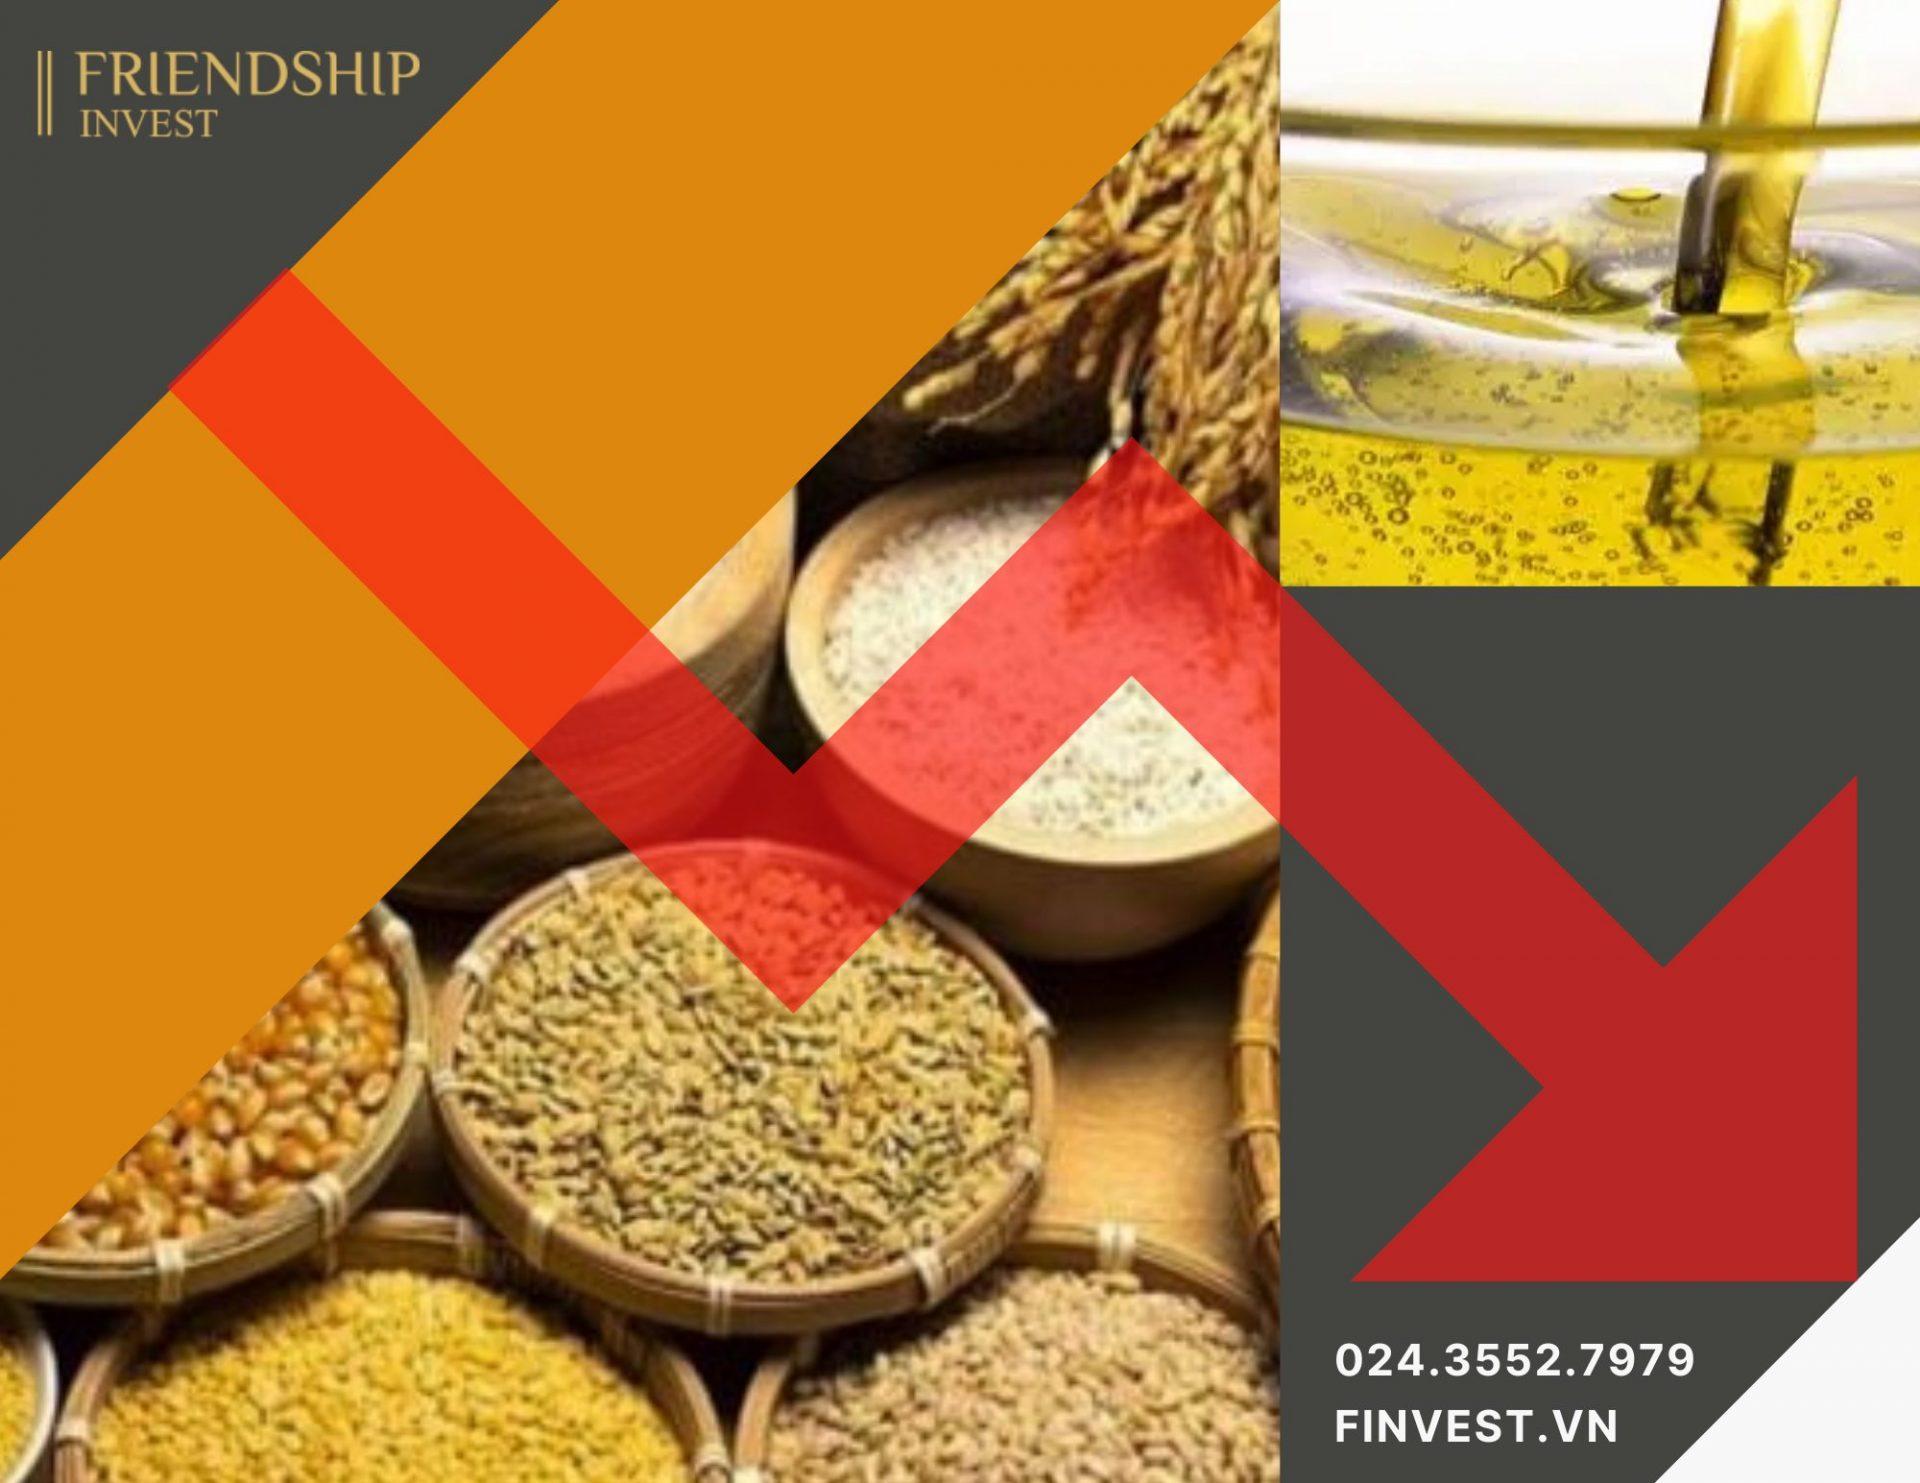 Thị trường nông sản đang phải đối mặt với nhiều áp lực